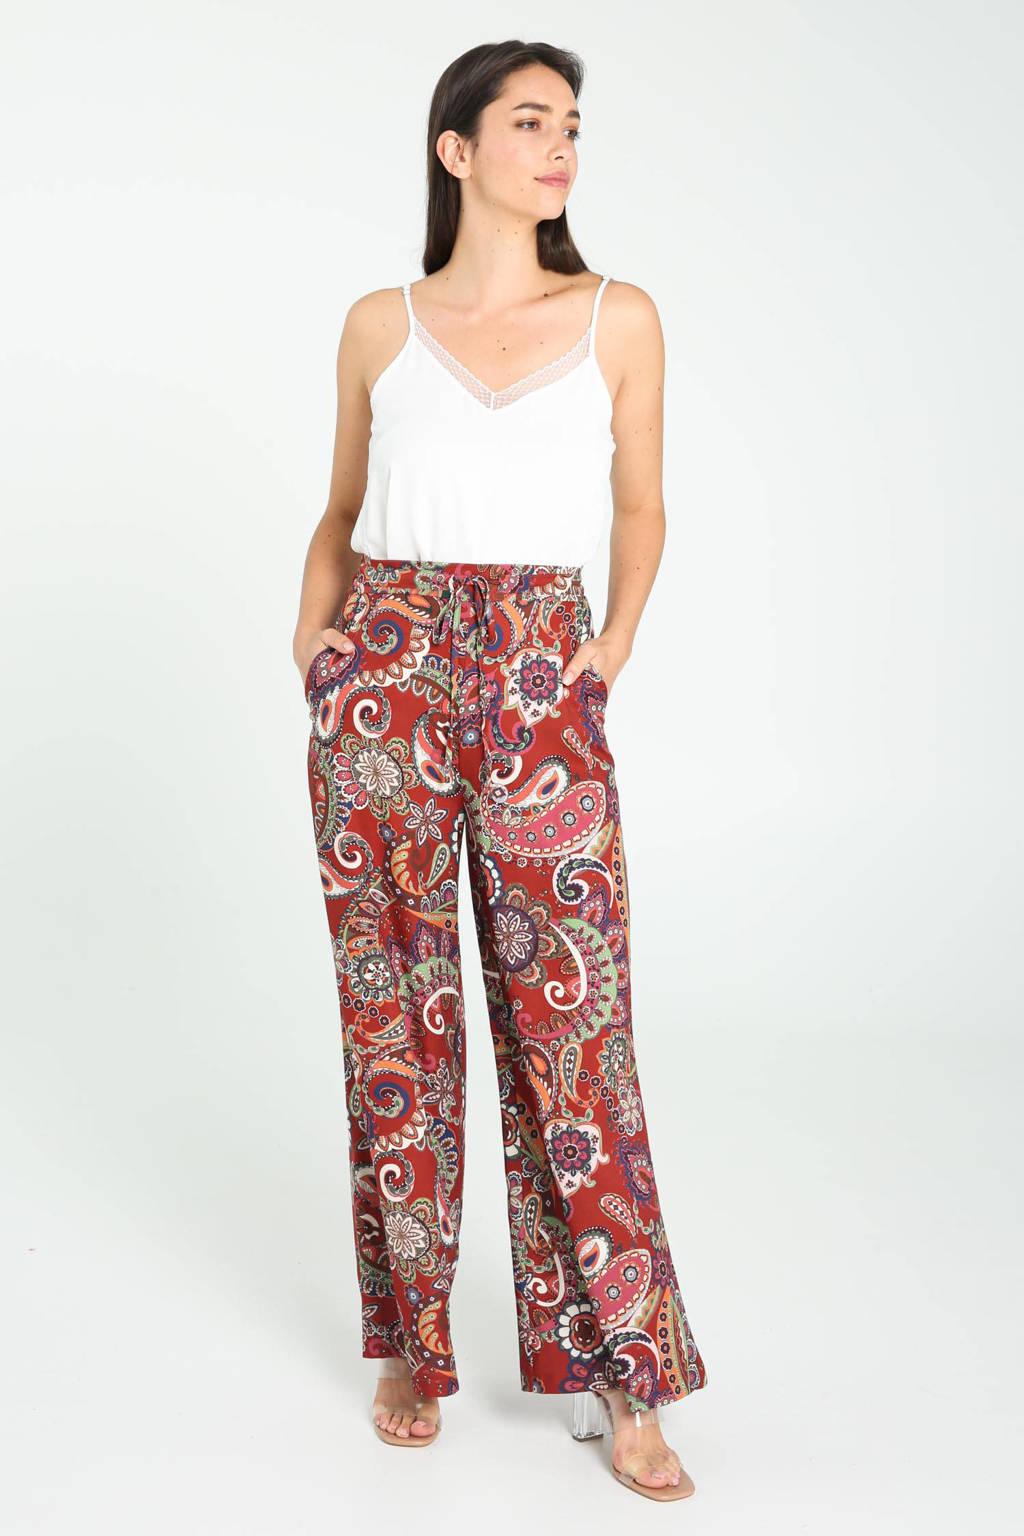 Cassis wide leg palazzo broek met paisleyprint roodbruin/ecru/roze/groen/oranje, Roodbruin/ecru/roze/groen/oranje